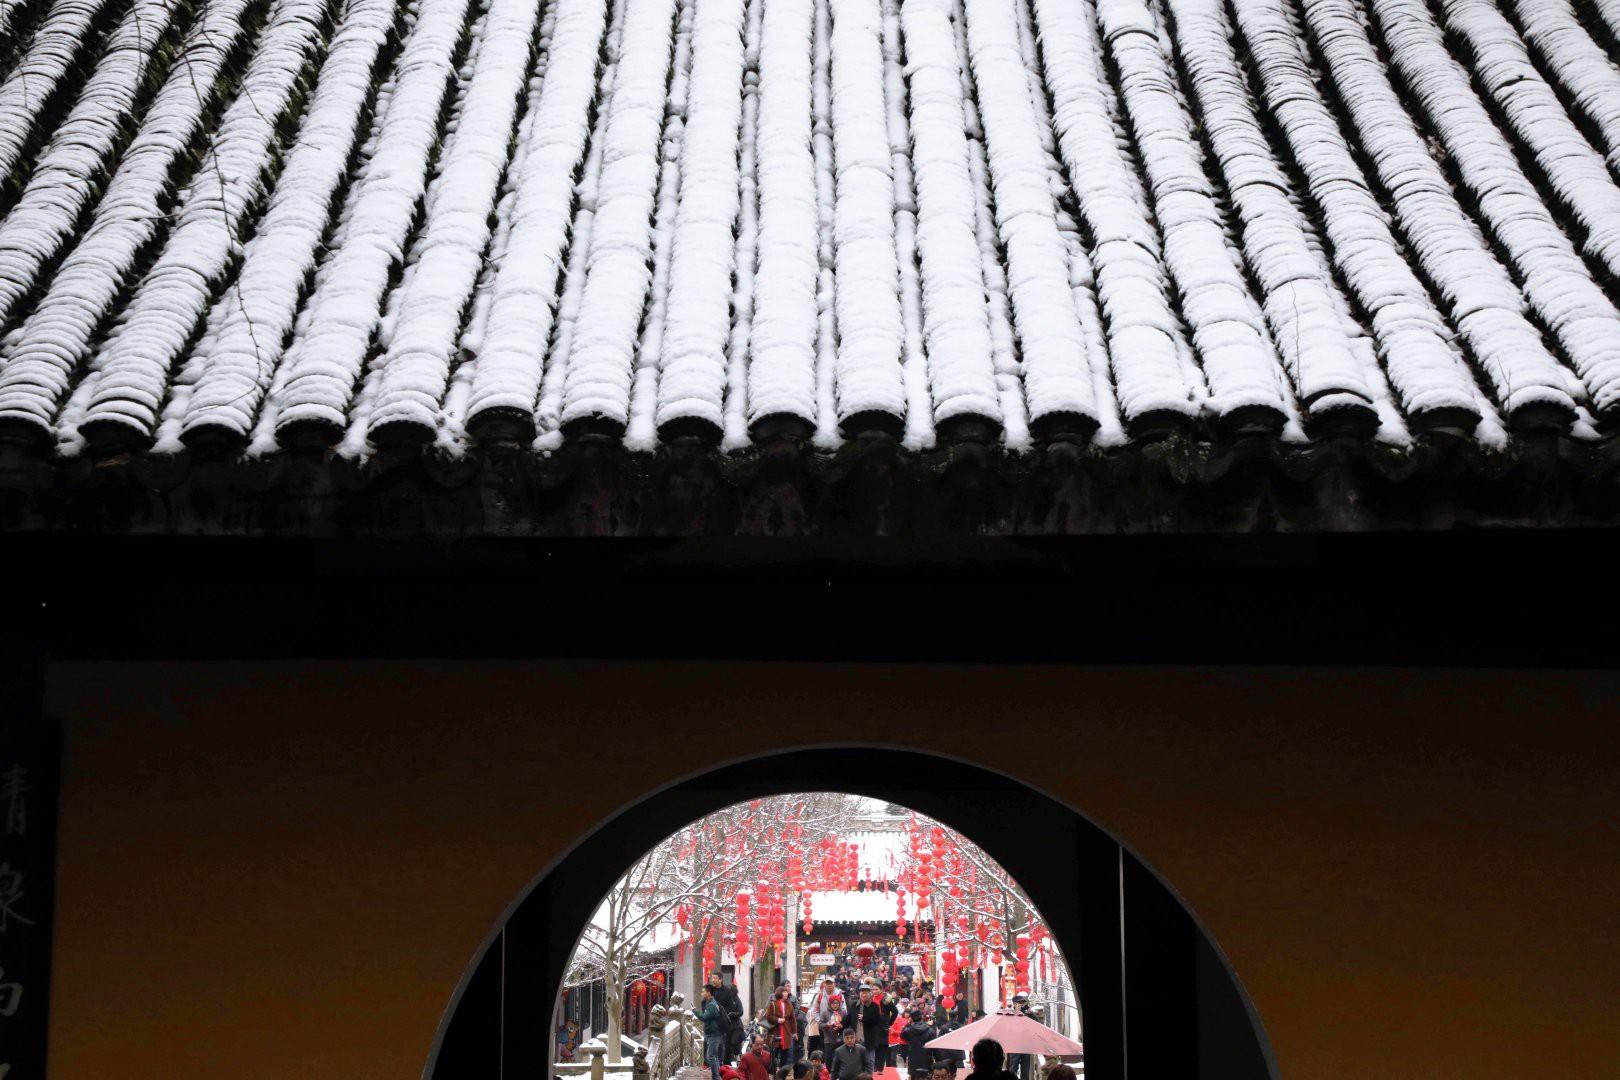 Vẻ đẹp trong trẻo của tuyết mùa xuân ở Trung Quốc khiến nhiều tín đồ du lịch cuồng chân dù đã hết Tết - Ảnh 3.